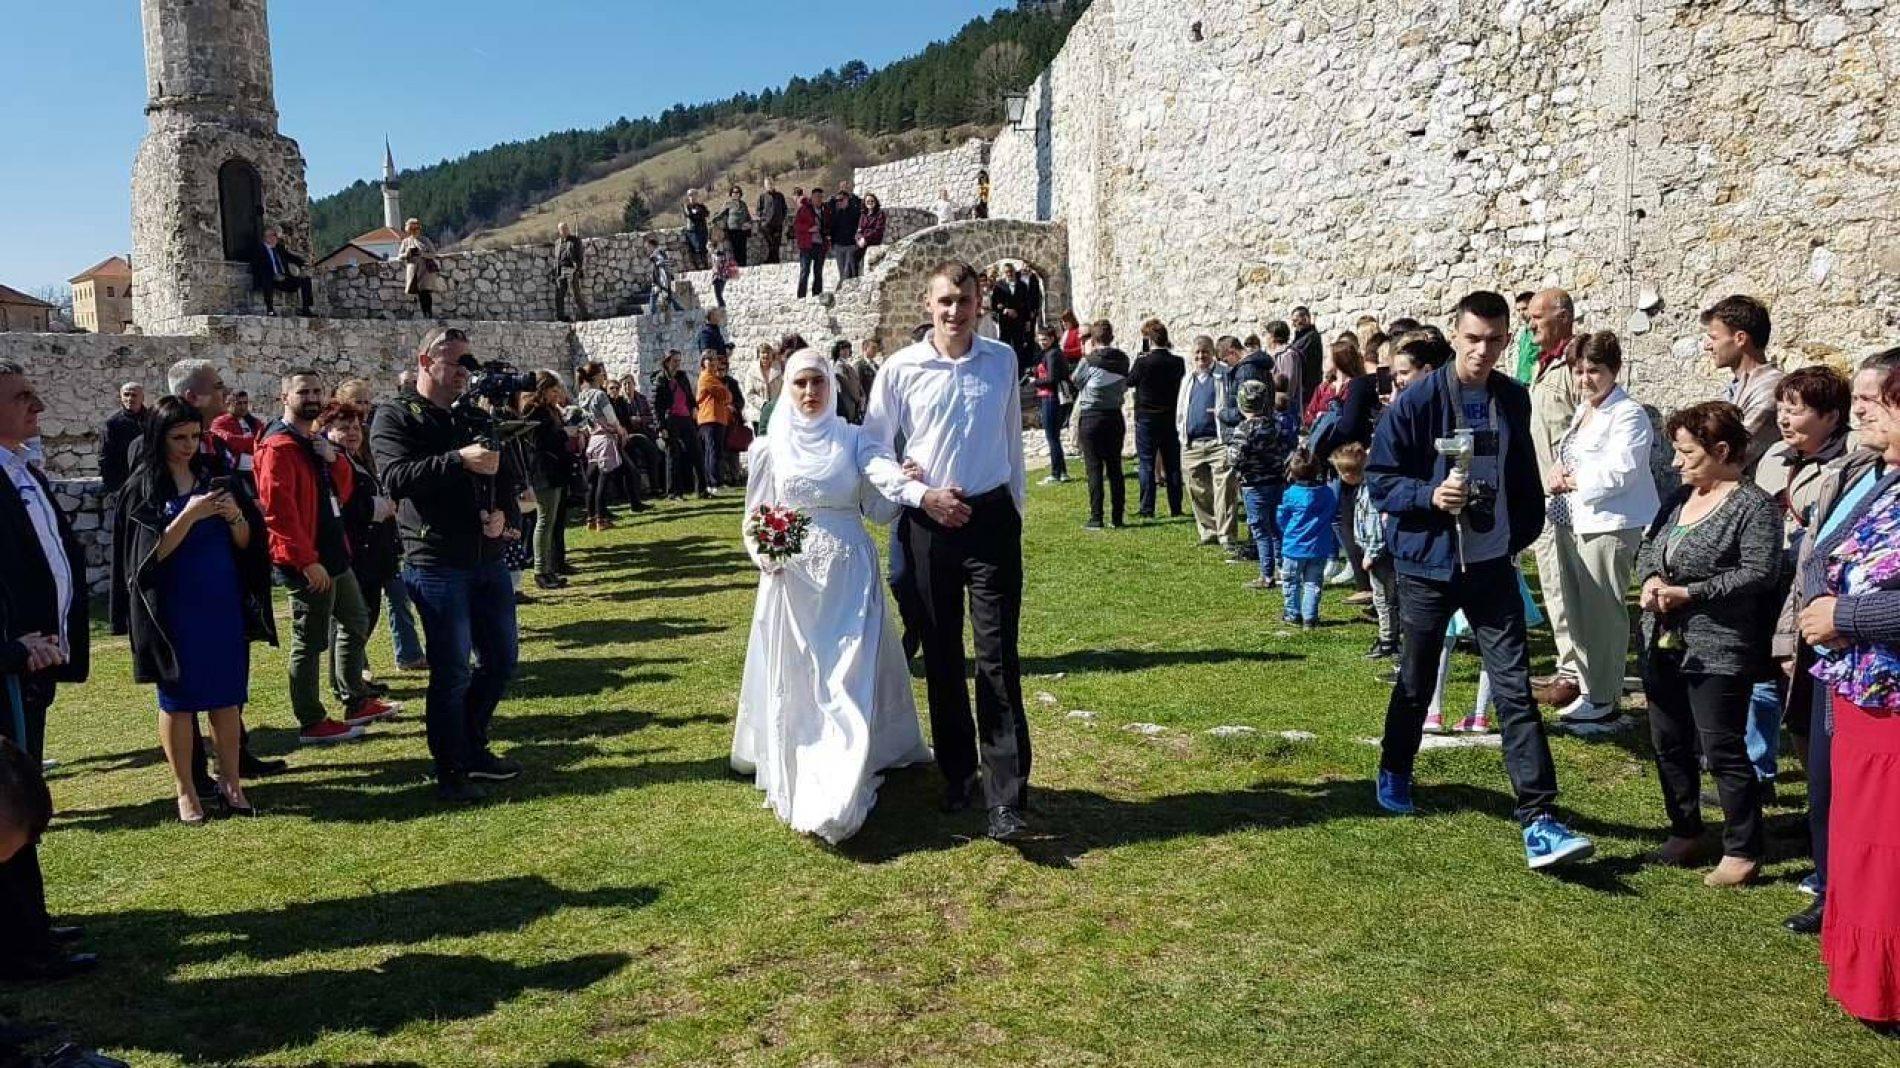 Vjenčanje pet parova na tvrđavi Stari grad u Travniku